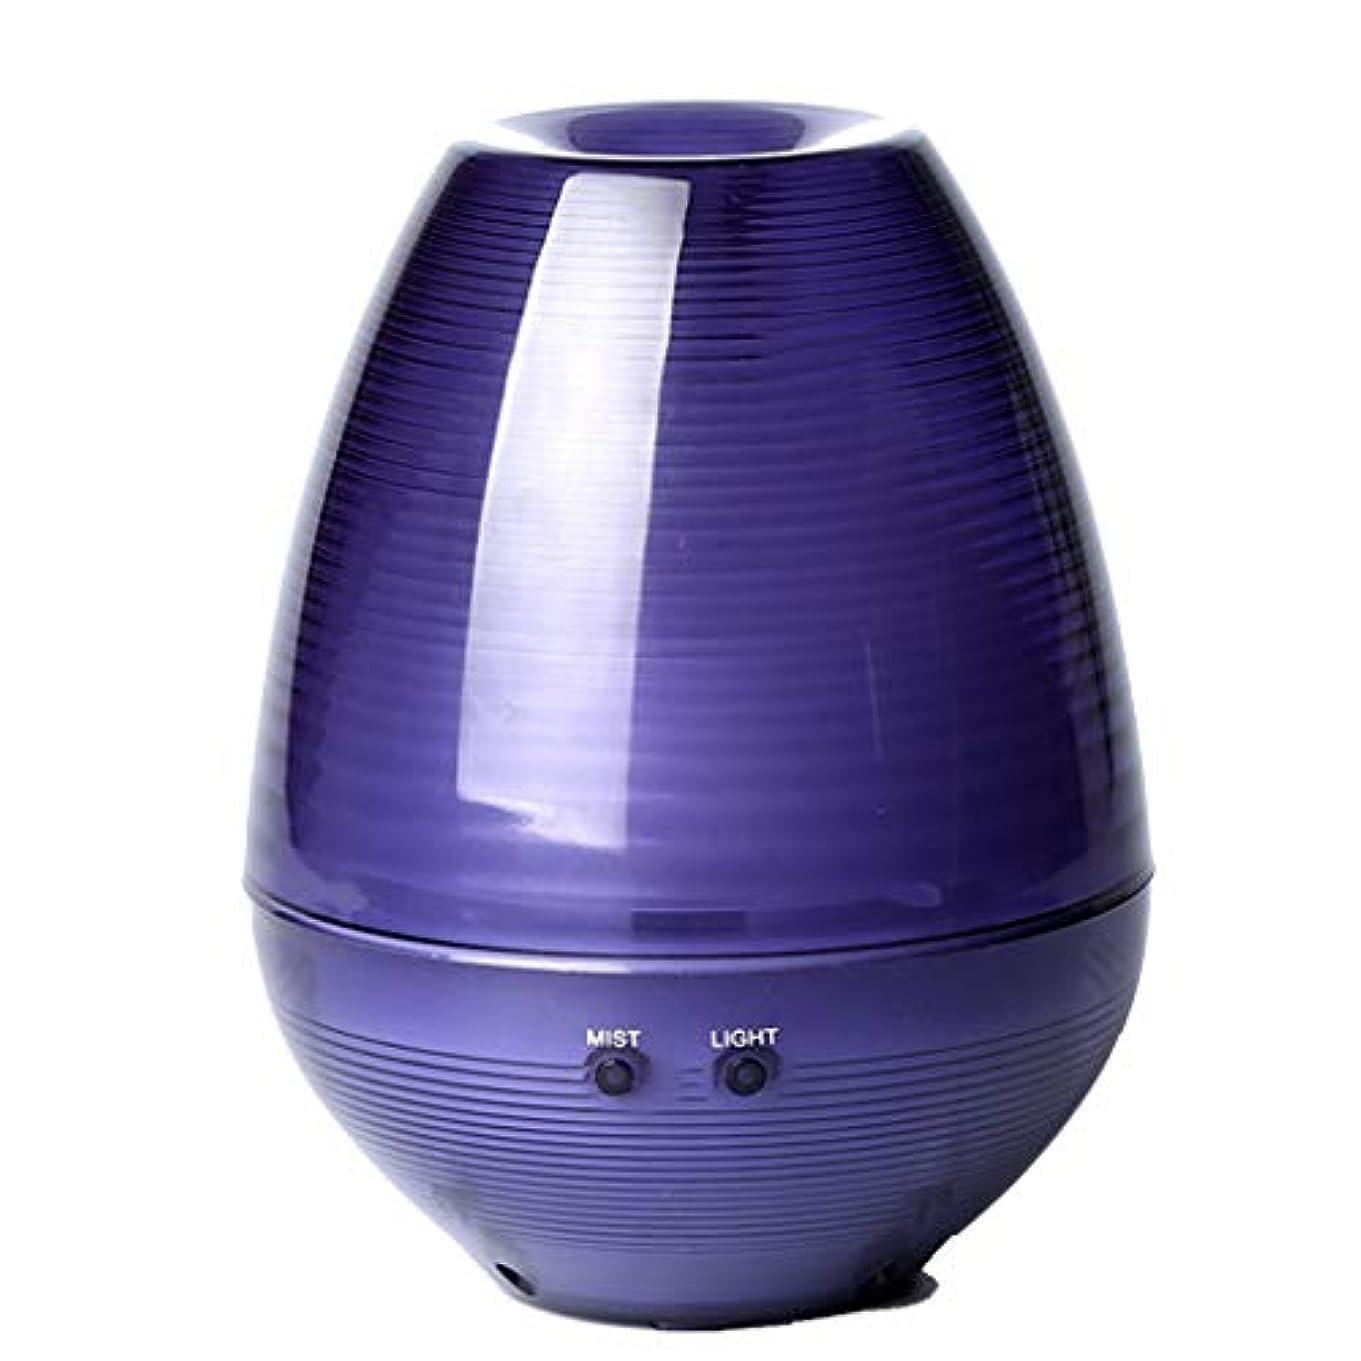 ジョグ仕出します不足アロマセラピーエッセンシャルオイルディフューザー、アロマディフューザークールミスト加湿器ウォーターレスオートシャットオフホームオフィス用ヨガ (Color : Purple)